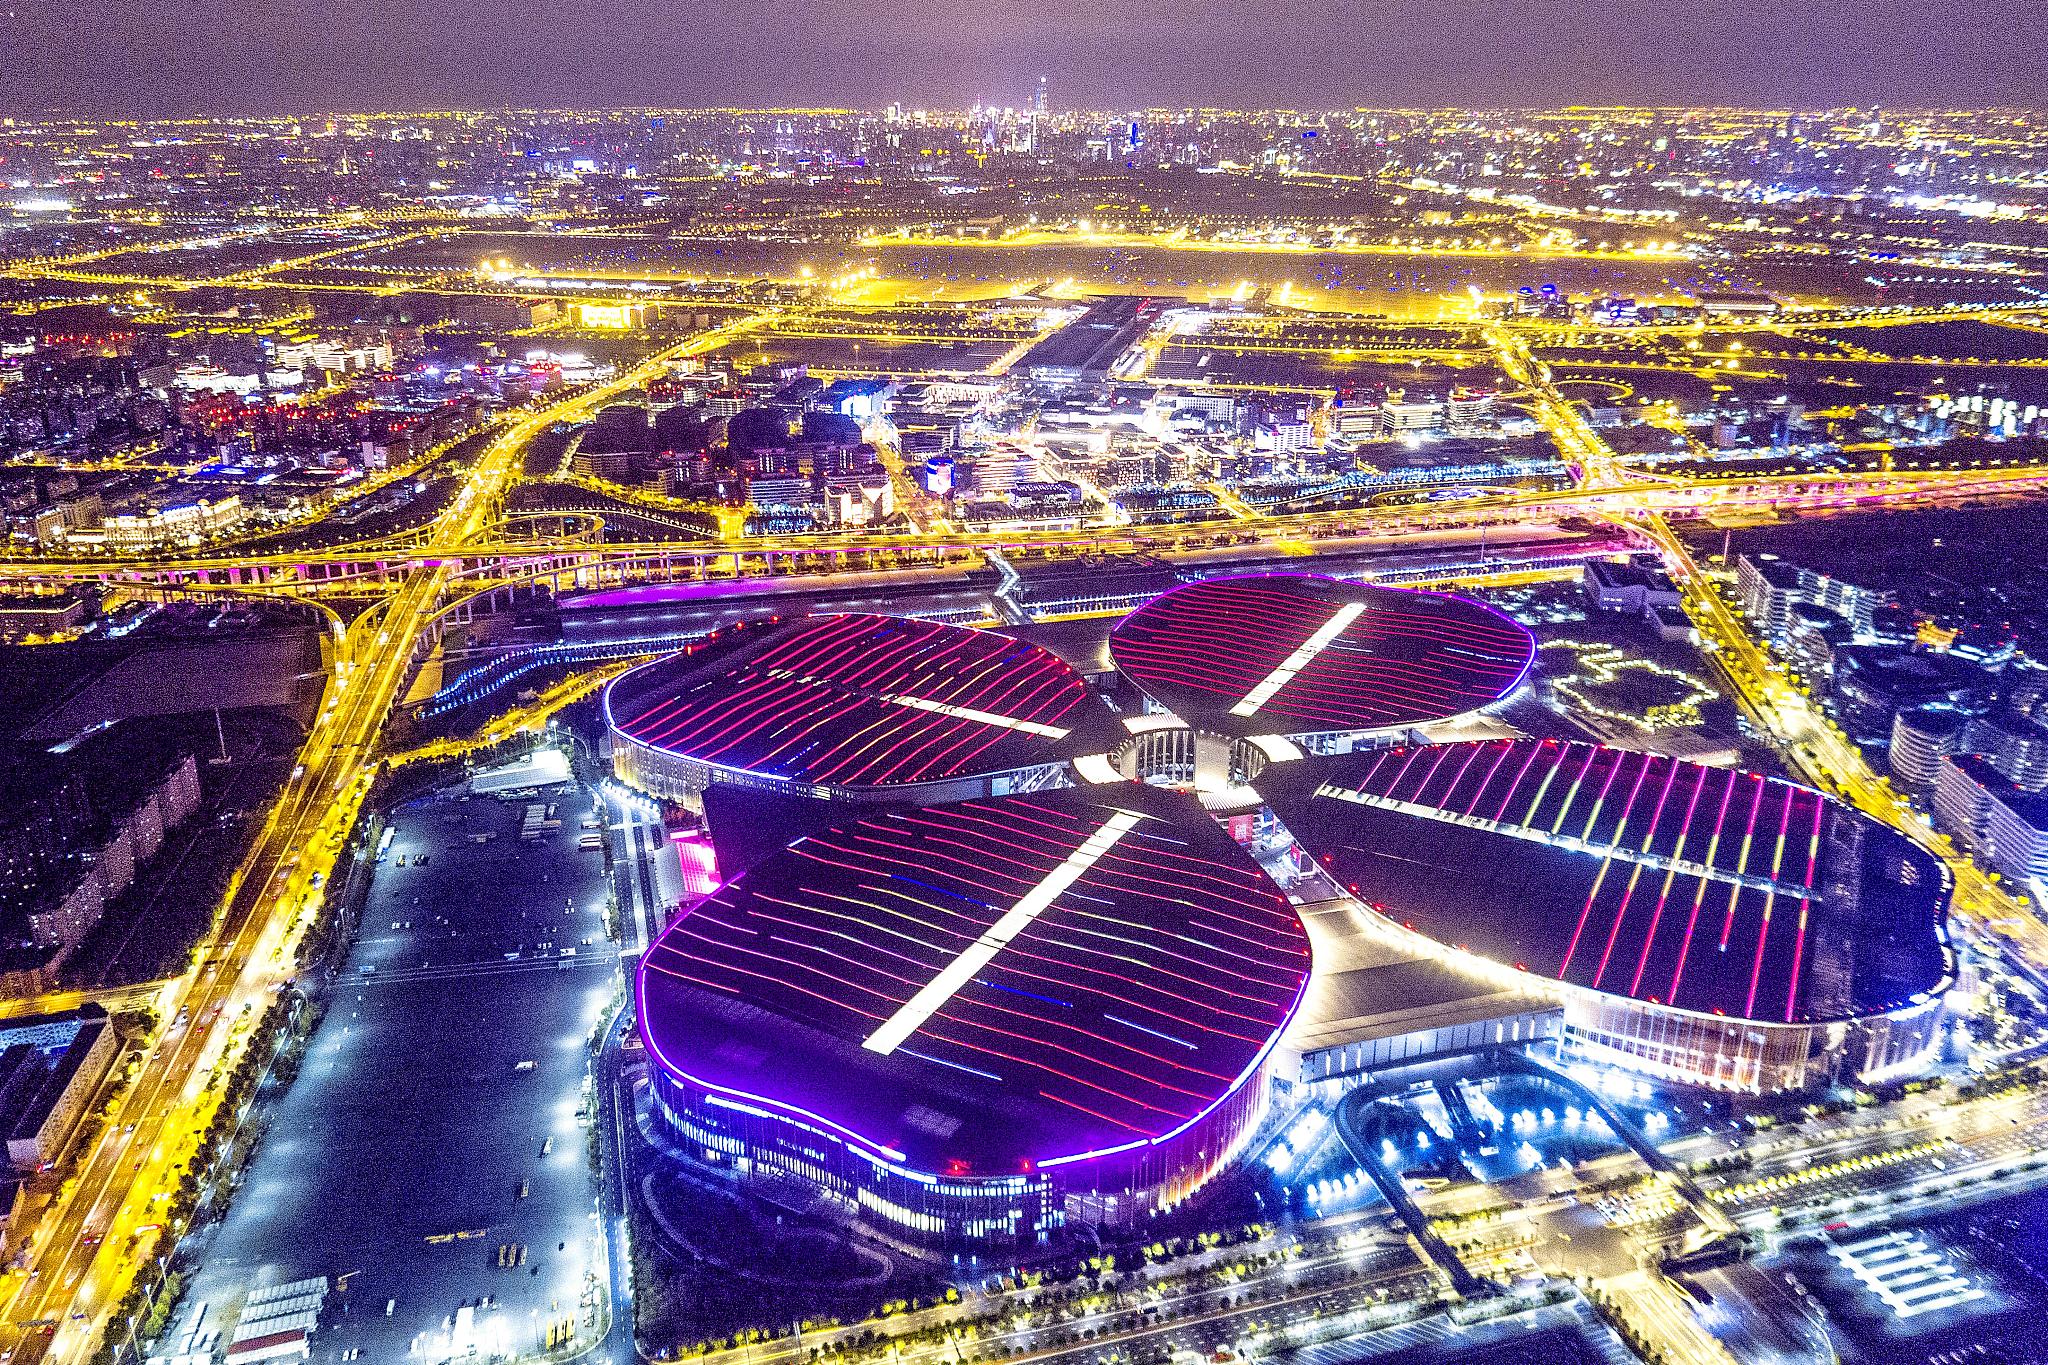 上海自贸区投资_新时代新作为新篇章丨魔都何以是魔都?上海去年的成绩单亮了 ...